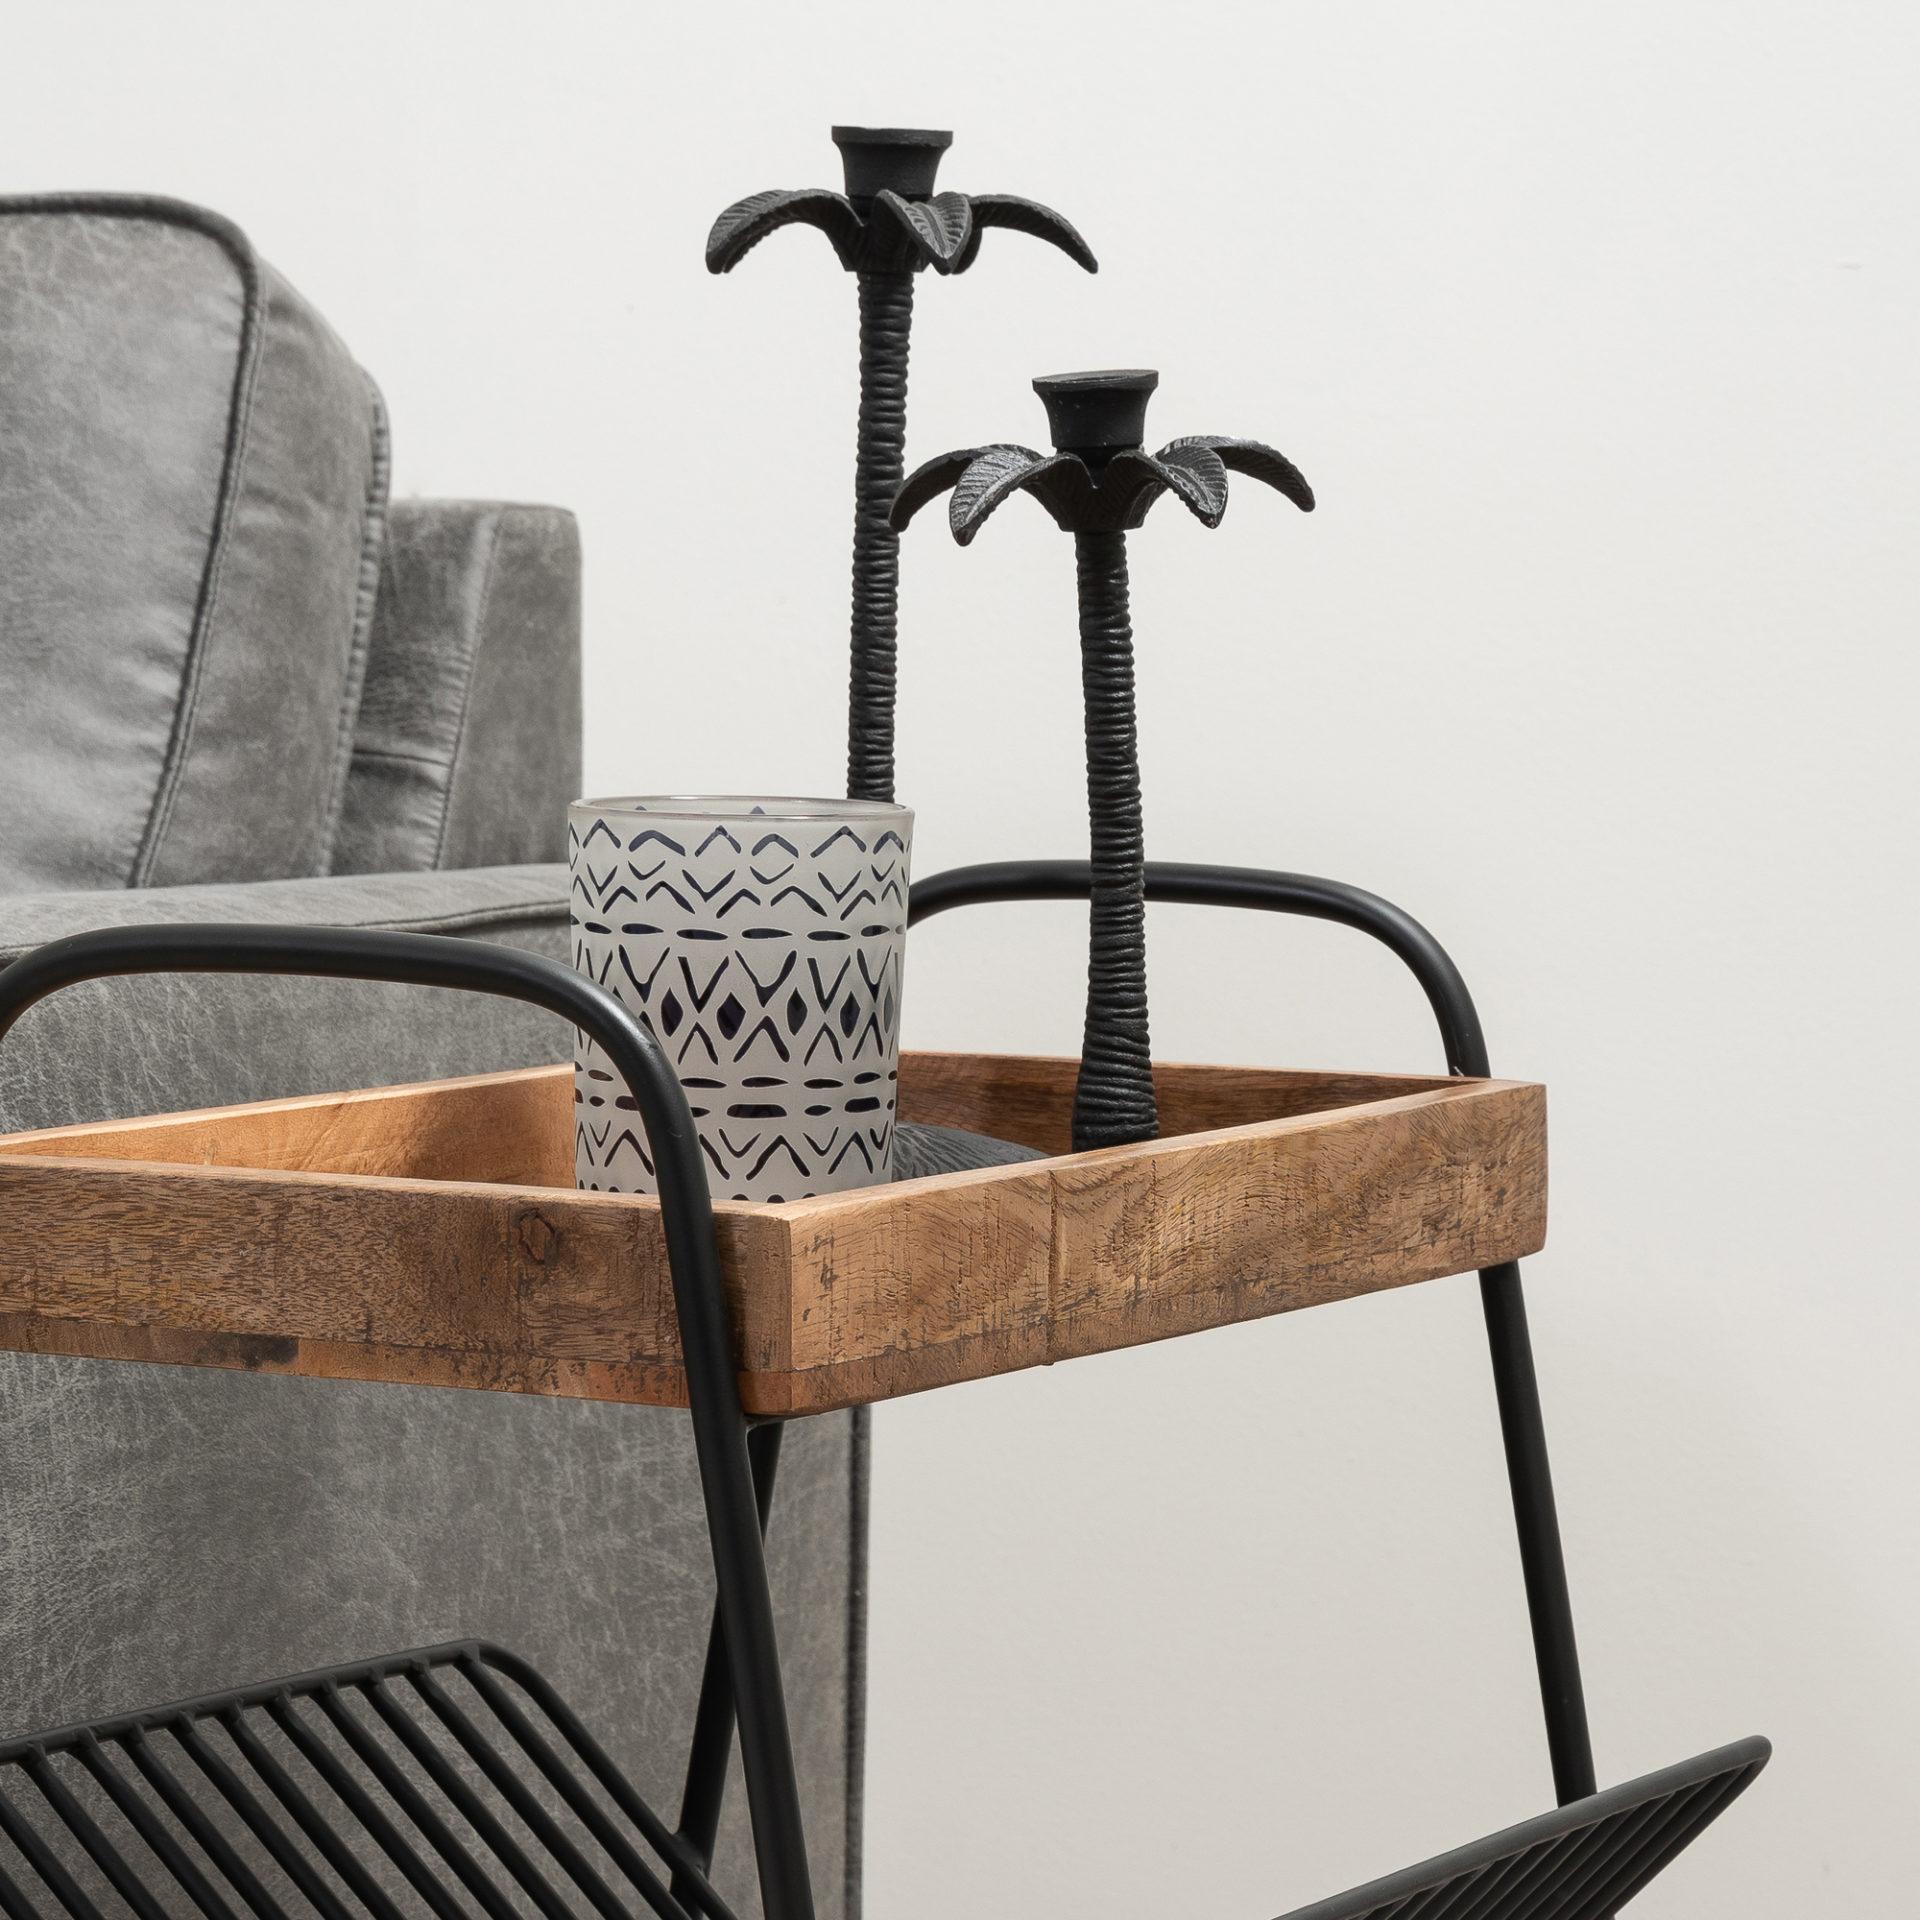 Detailfoto bijzettafel gemaakt van mangohout met metalen onderstel. De tafel beschikt over een plank welke bevestigd zit aan de poot, waar bijvoorbeeld tijdschriften in kunnen.